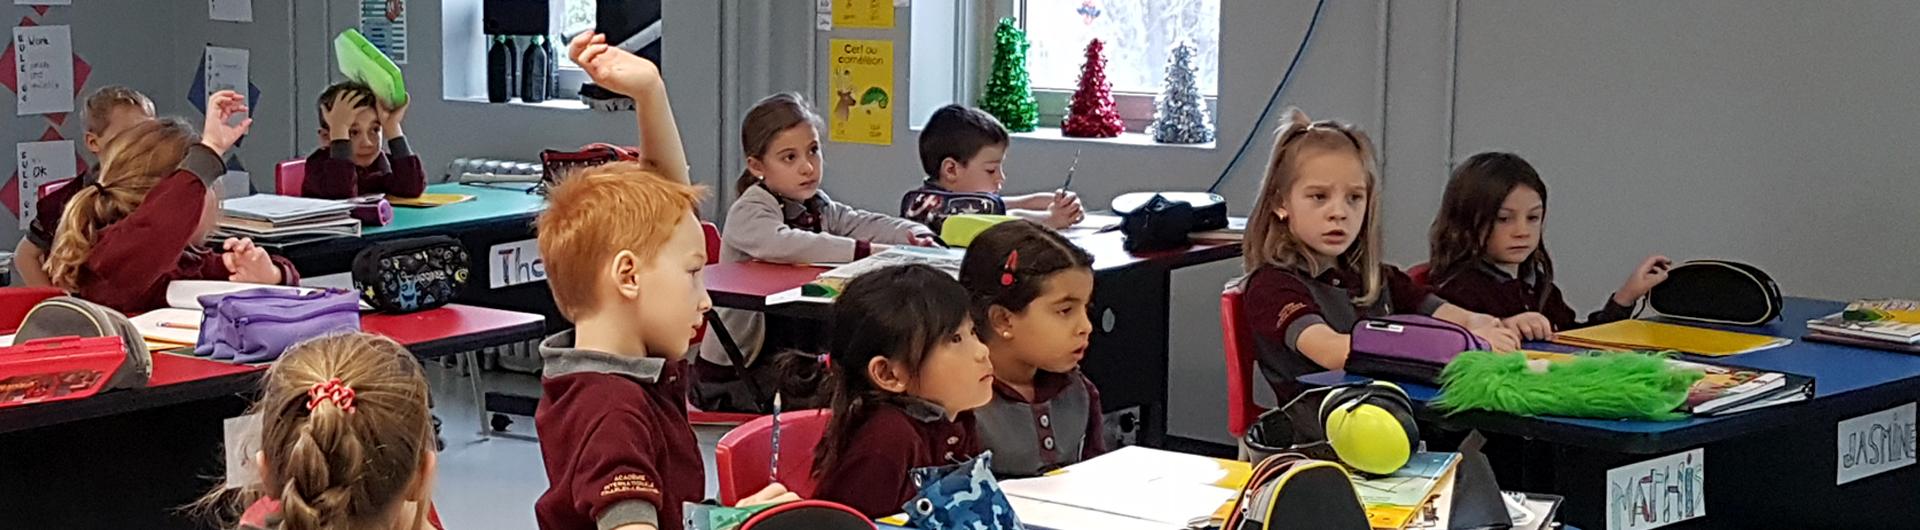 Image étudiants dans une classe